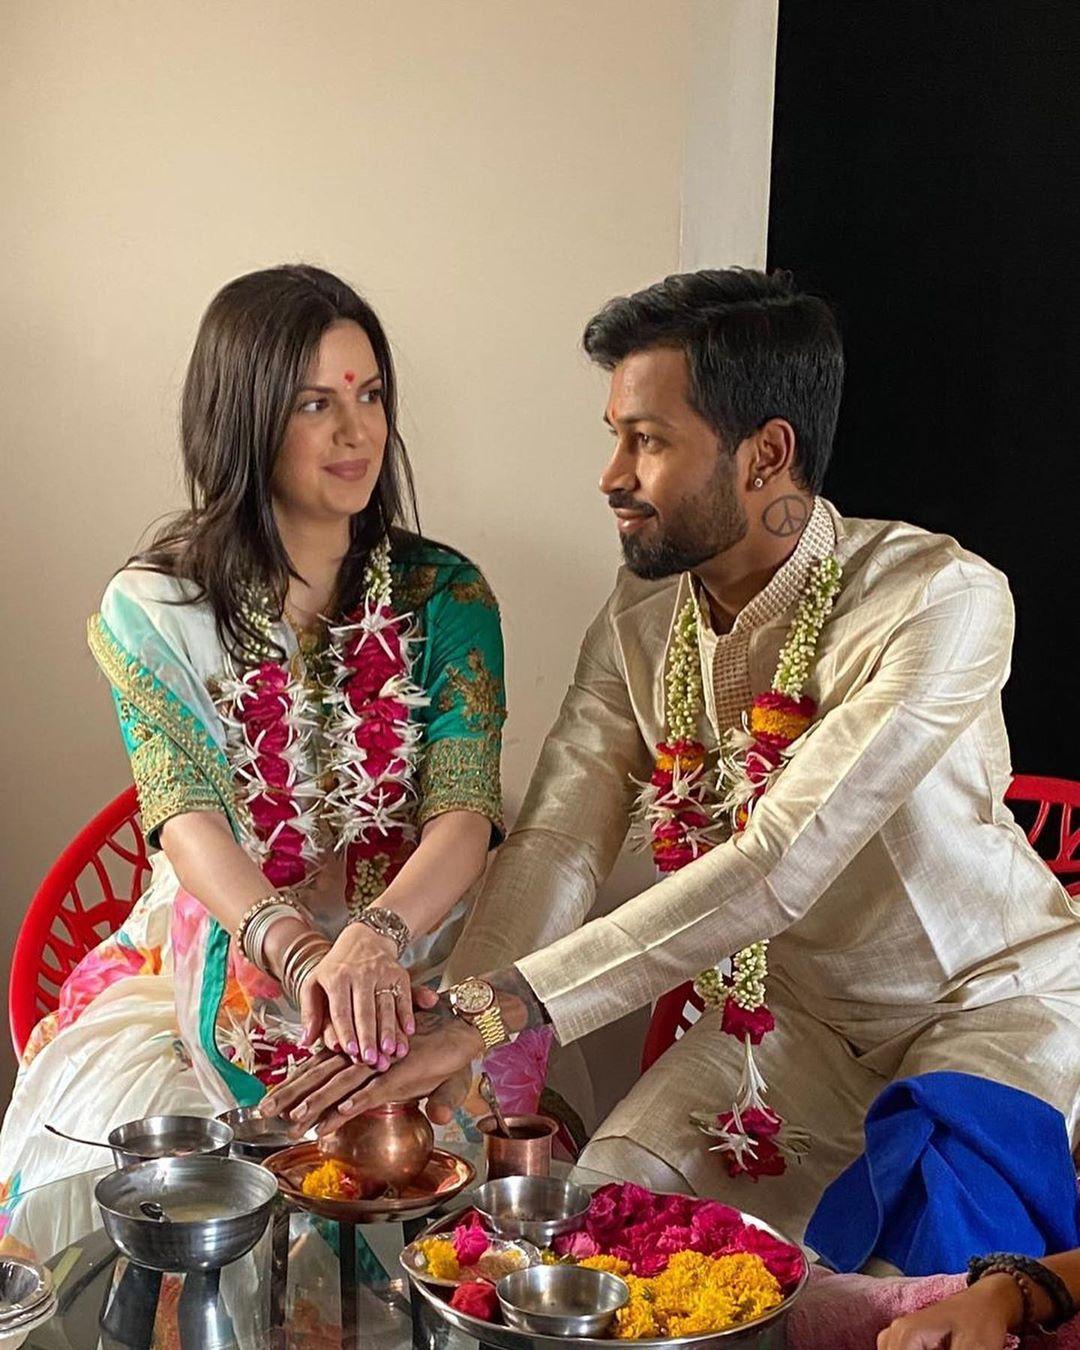 Hardik Pandya And Natasa Stankovic Wedding In 2020 Celebrity Wedding Photos Intimate Wedding Celebrity Weddings